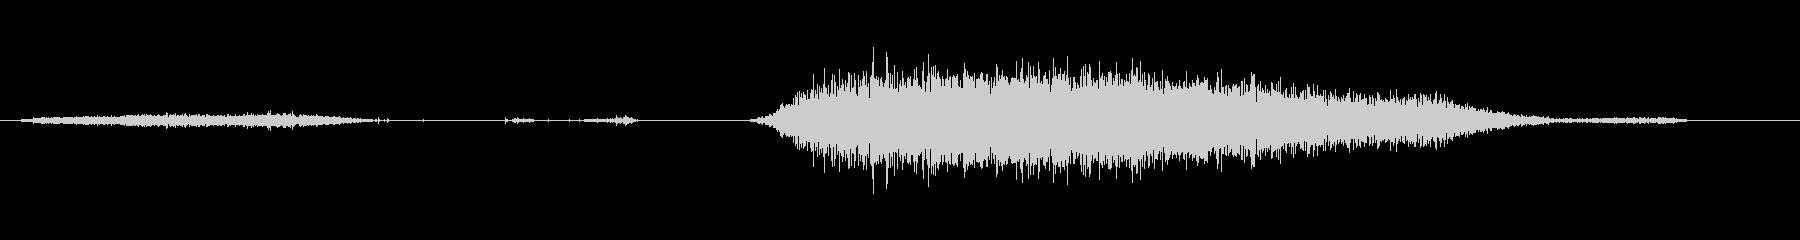 爆風、シングルブレスラバー、バルー...の未再生の波形